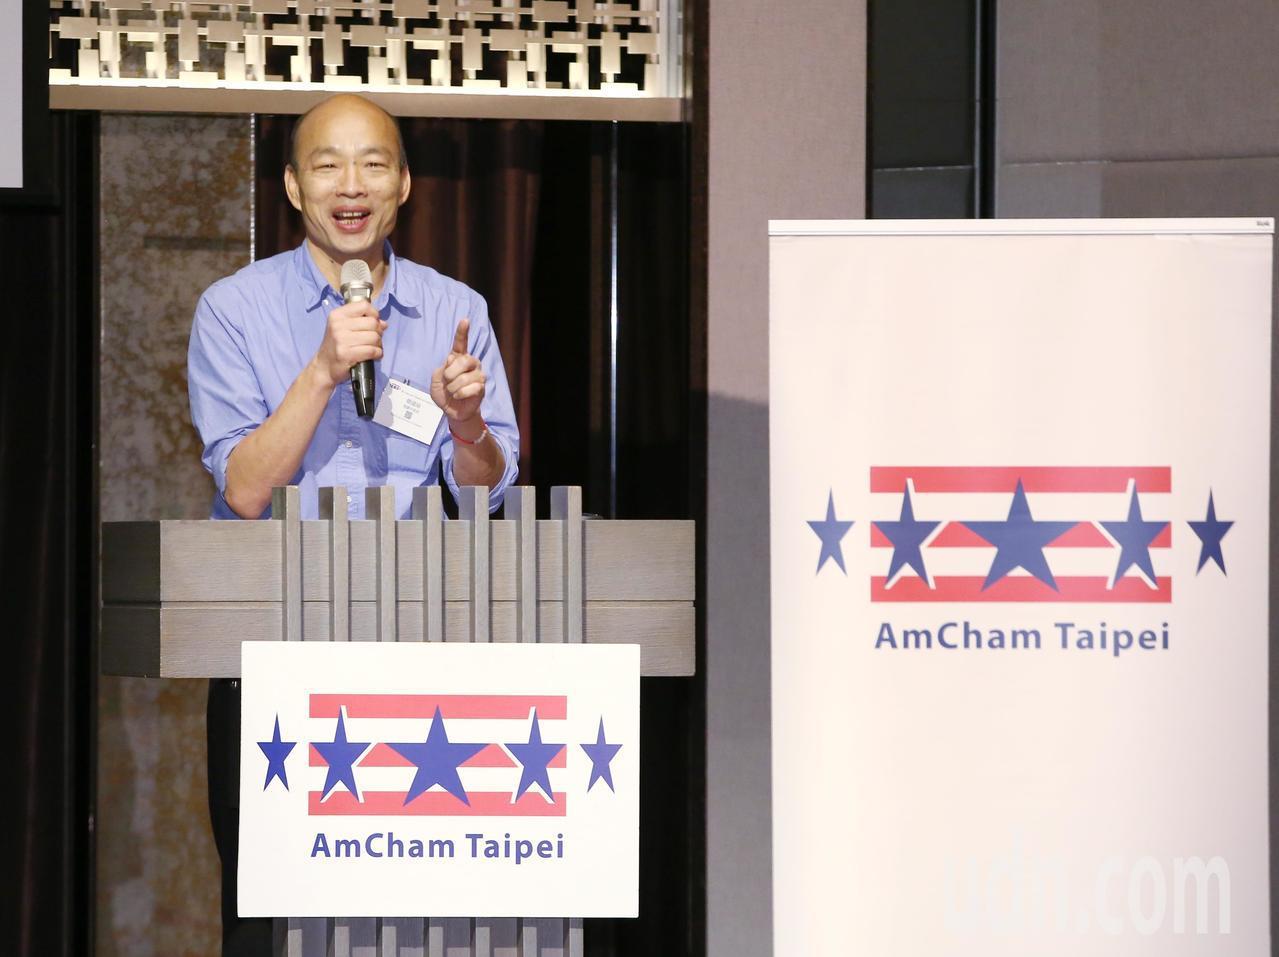 國民黨總統候選人韓國瑜今天受美國商會邀請北上專題演講。記者曾原信/攝影